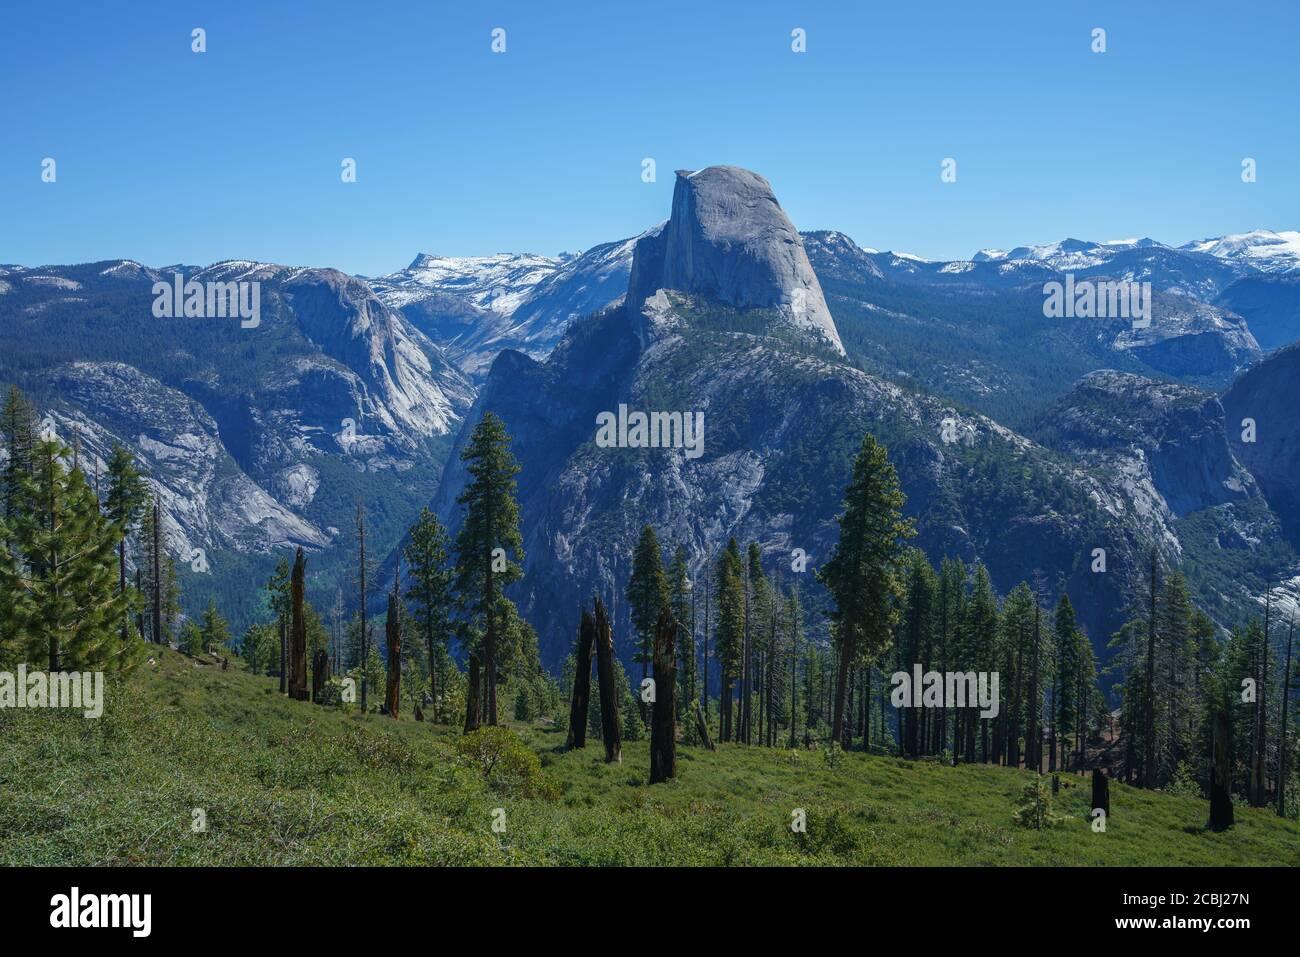 randonnée sur le sentier panoramique dans le parc national de yosemite en californie, états-unis Banque D'Images